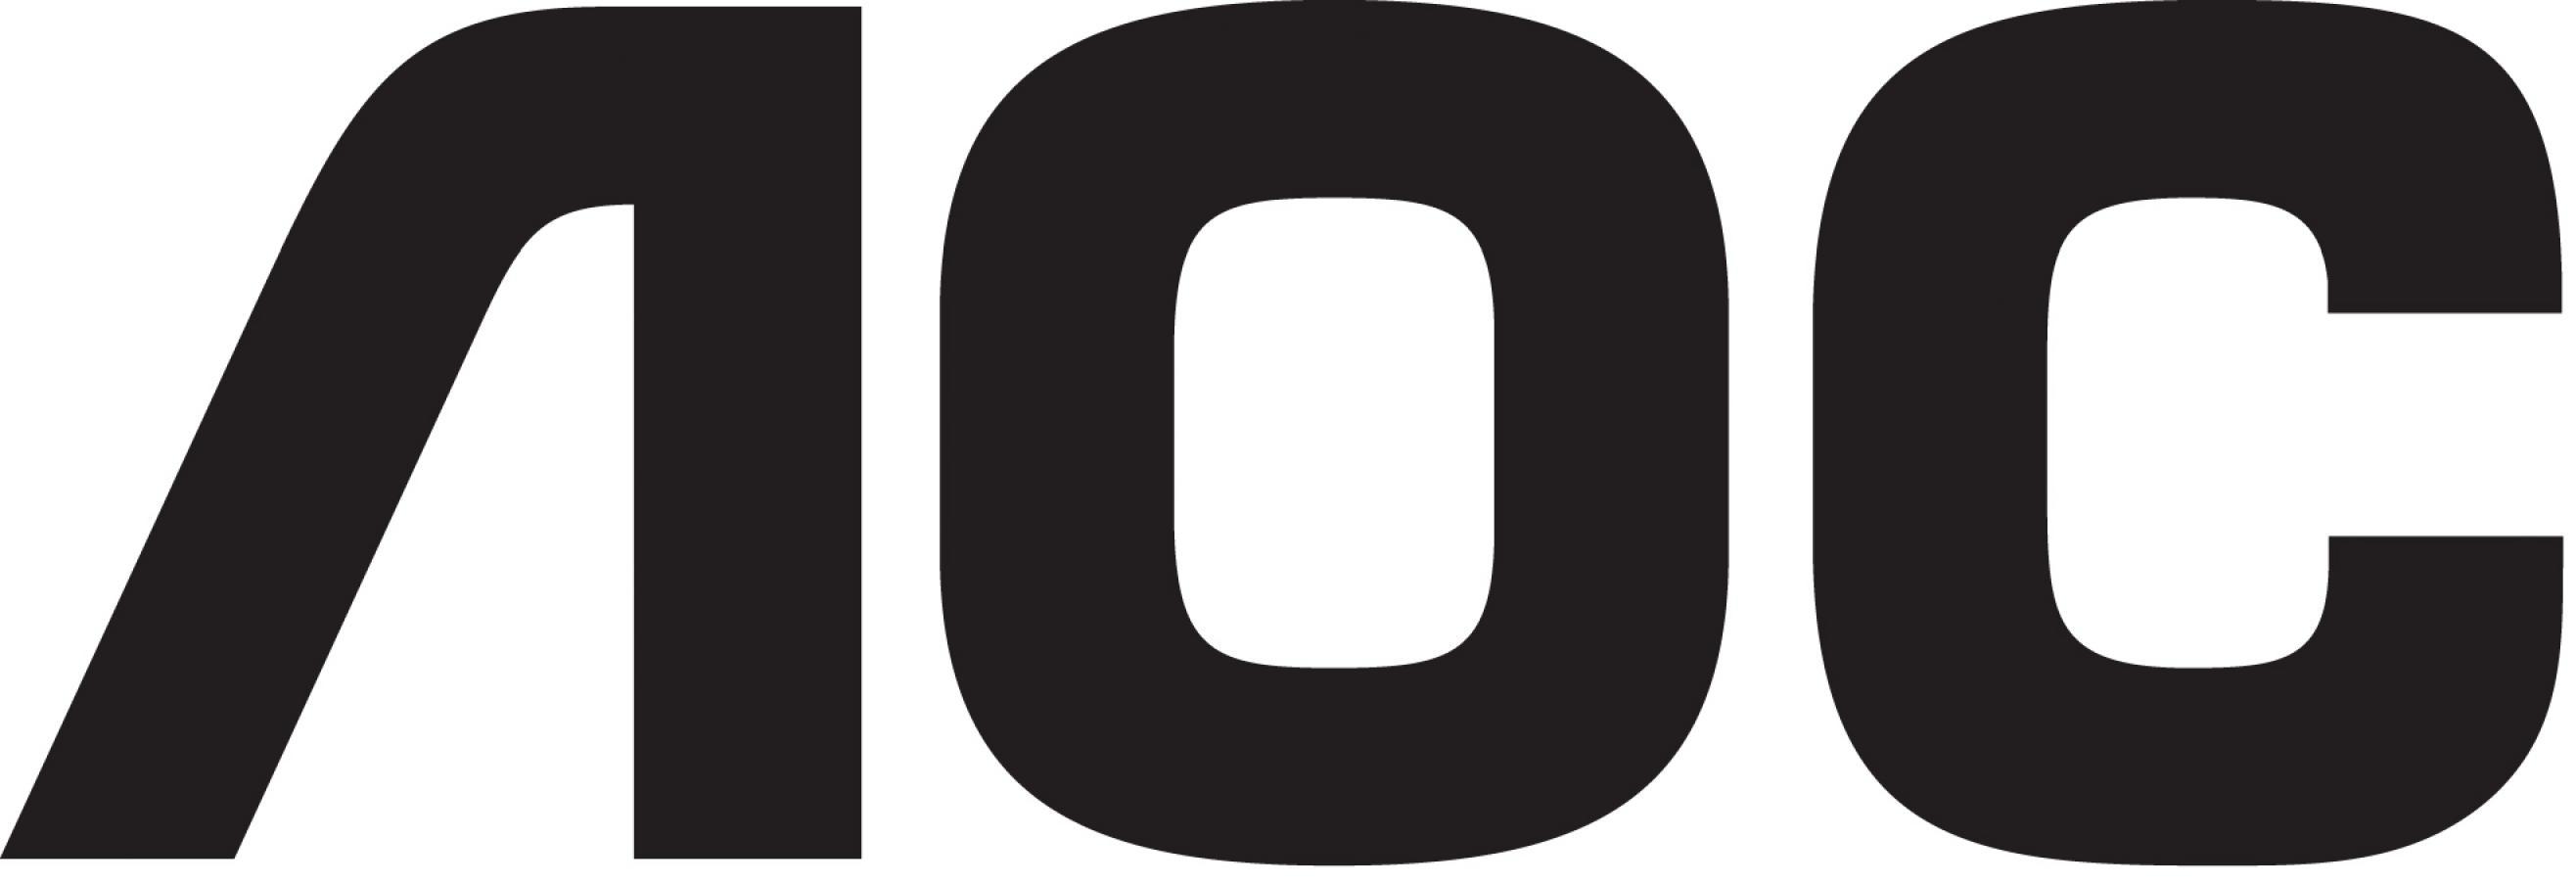 Znalezione obrazy dla zapytania aoc logo